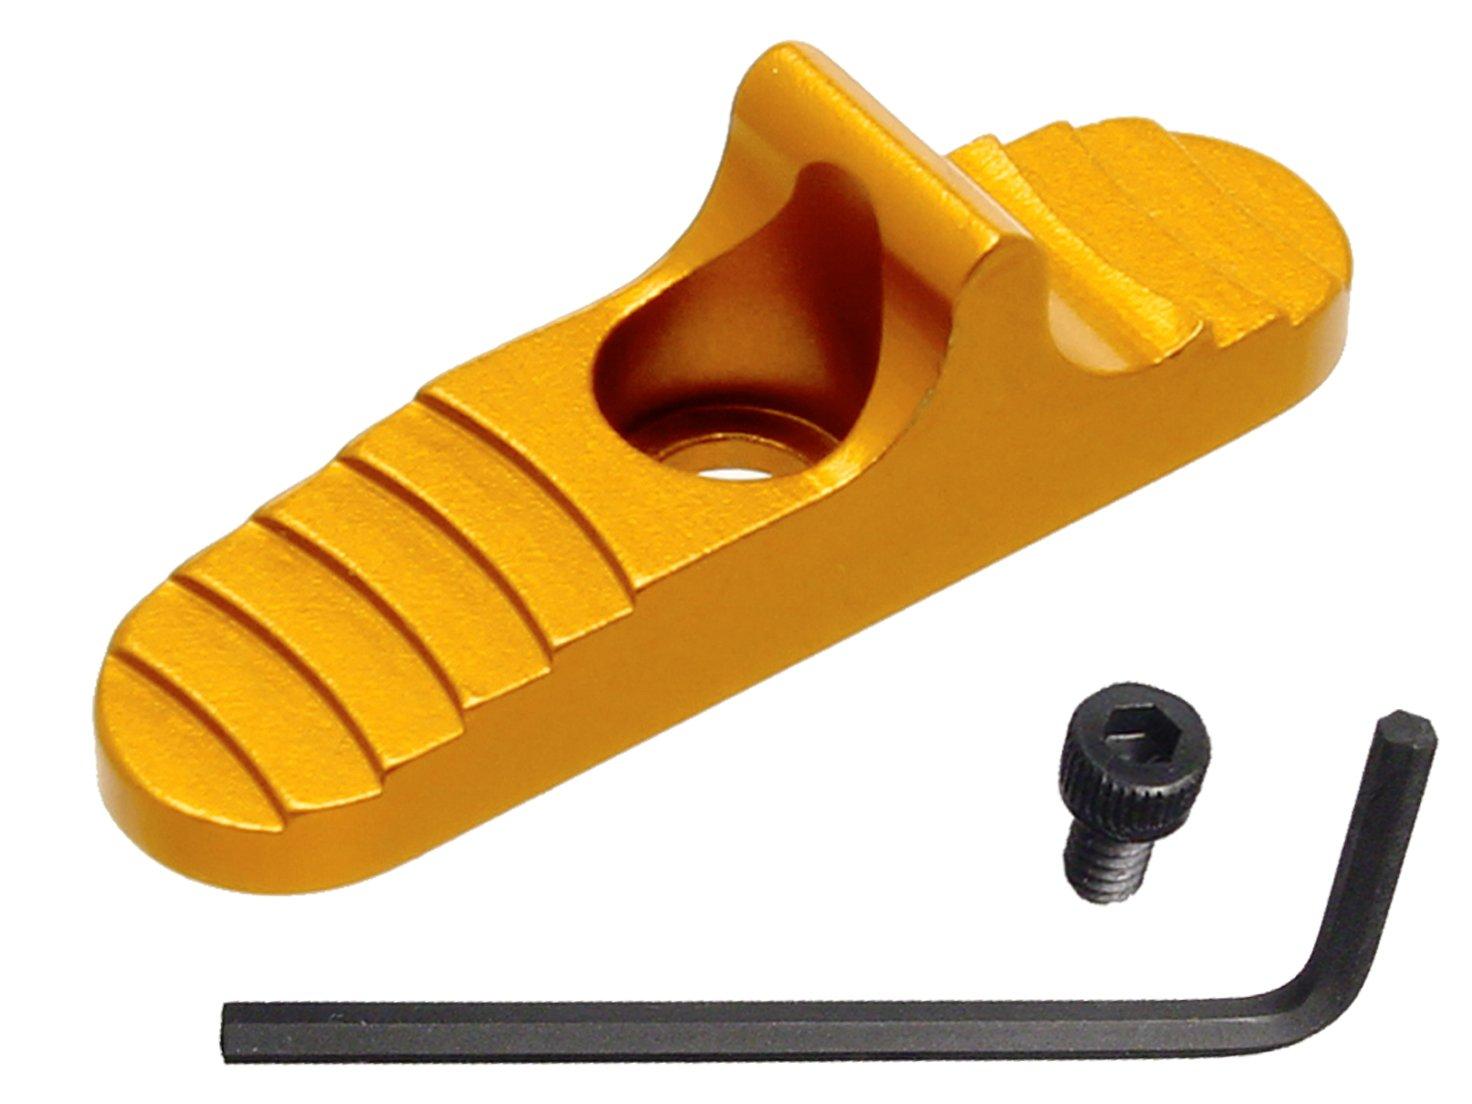 for Mossberg 500 590 835 930 935 Shockwave Enhanced Tactical Slide Safety by NDZ Gold